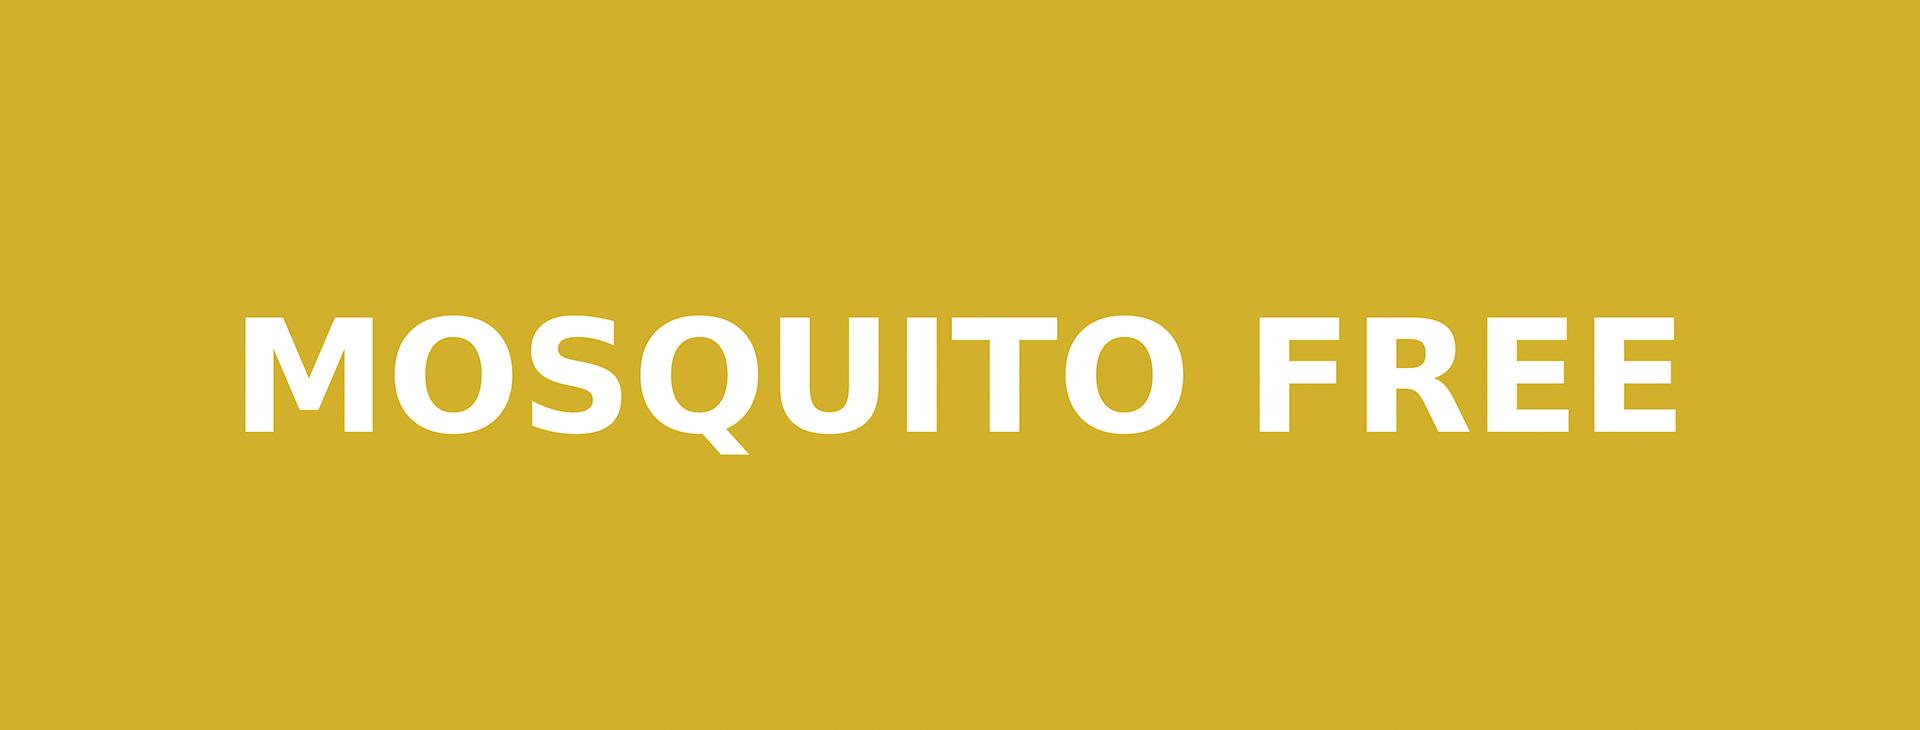 mosquito-free_lente_NO_20201102